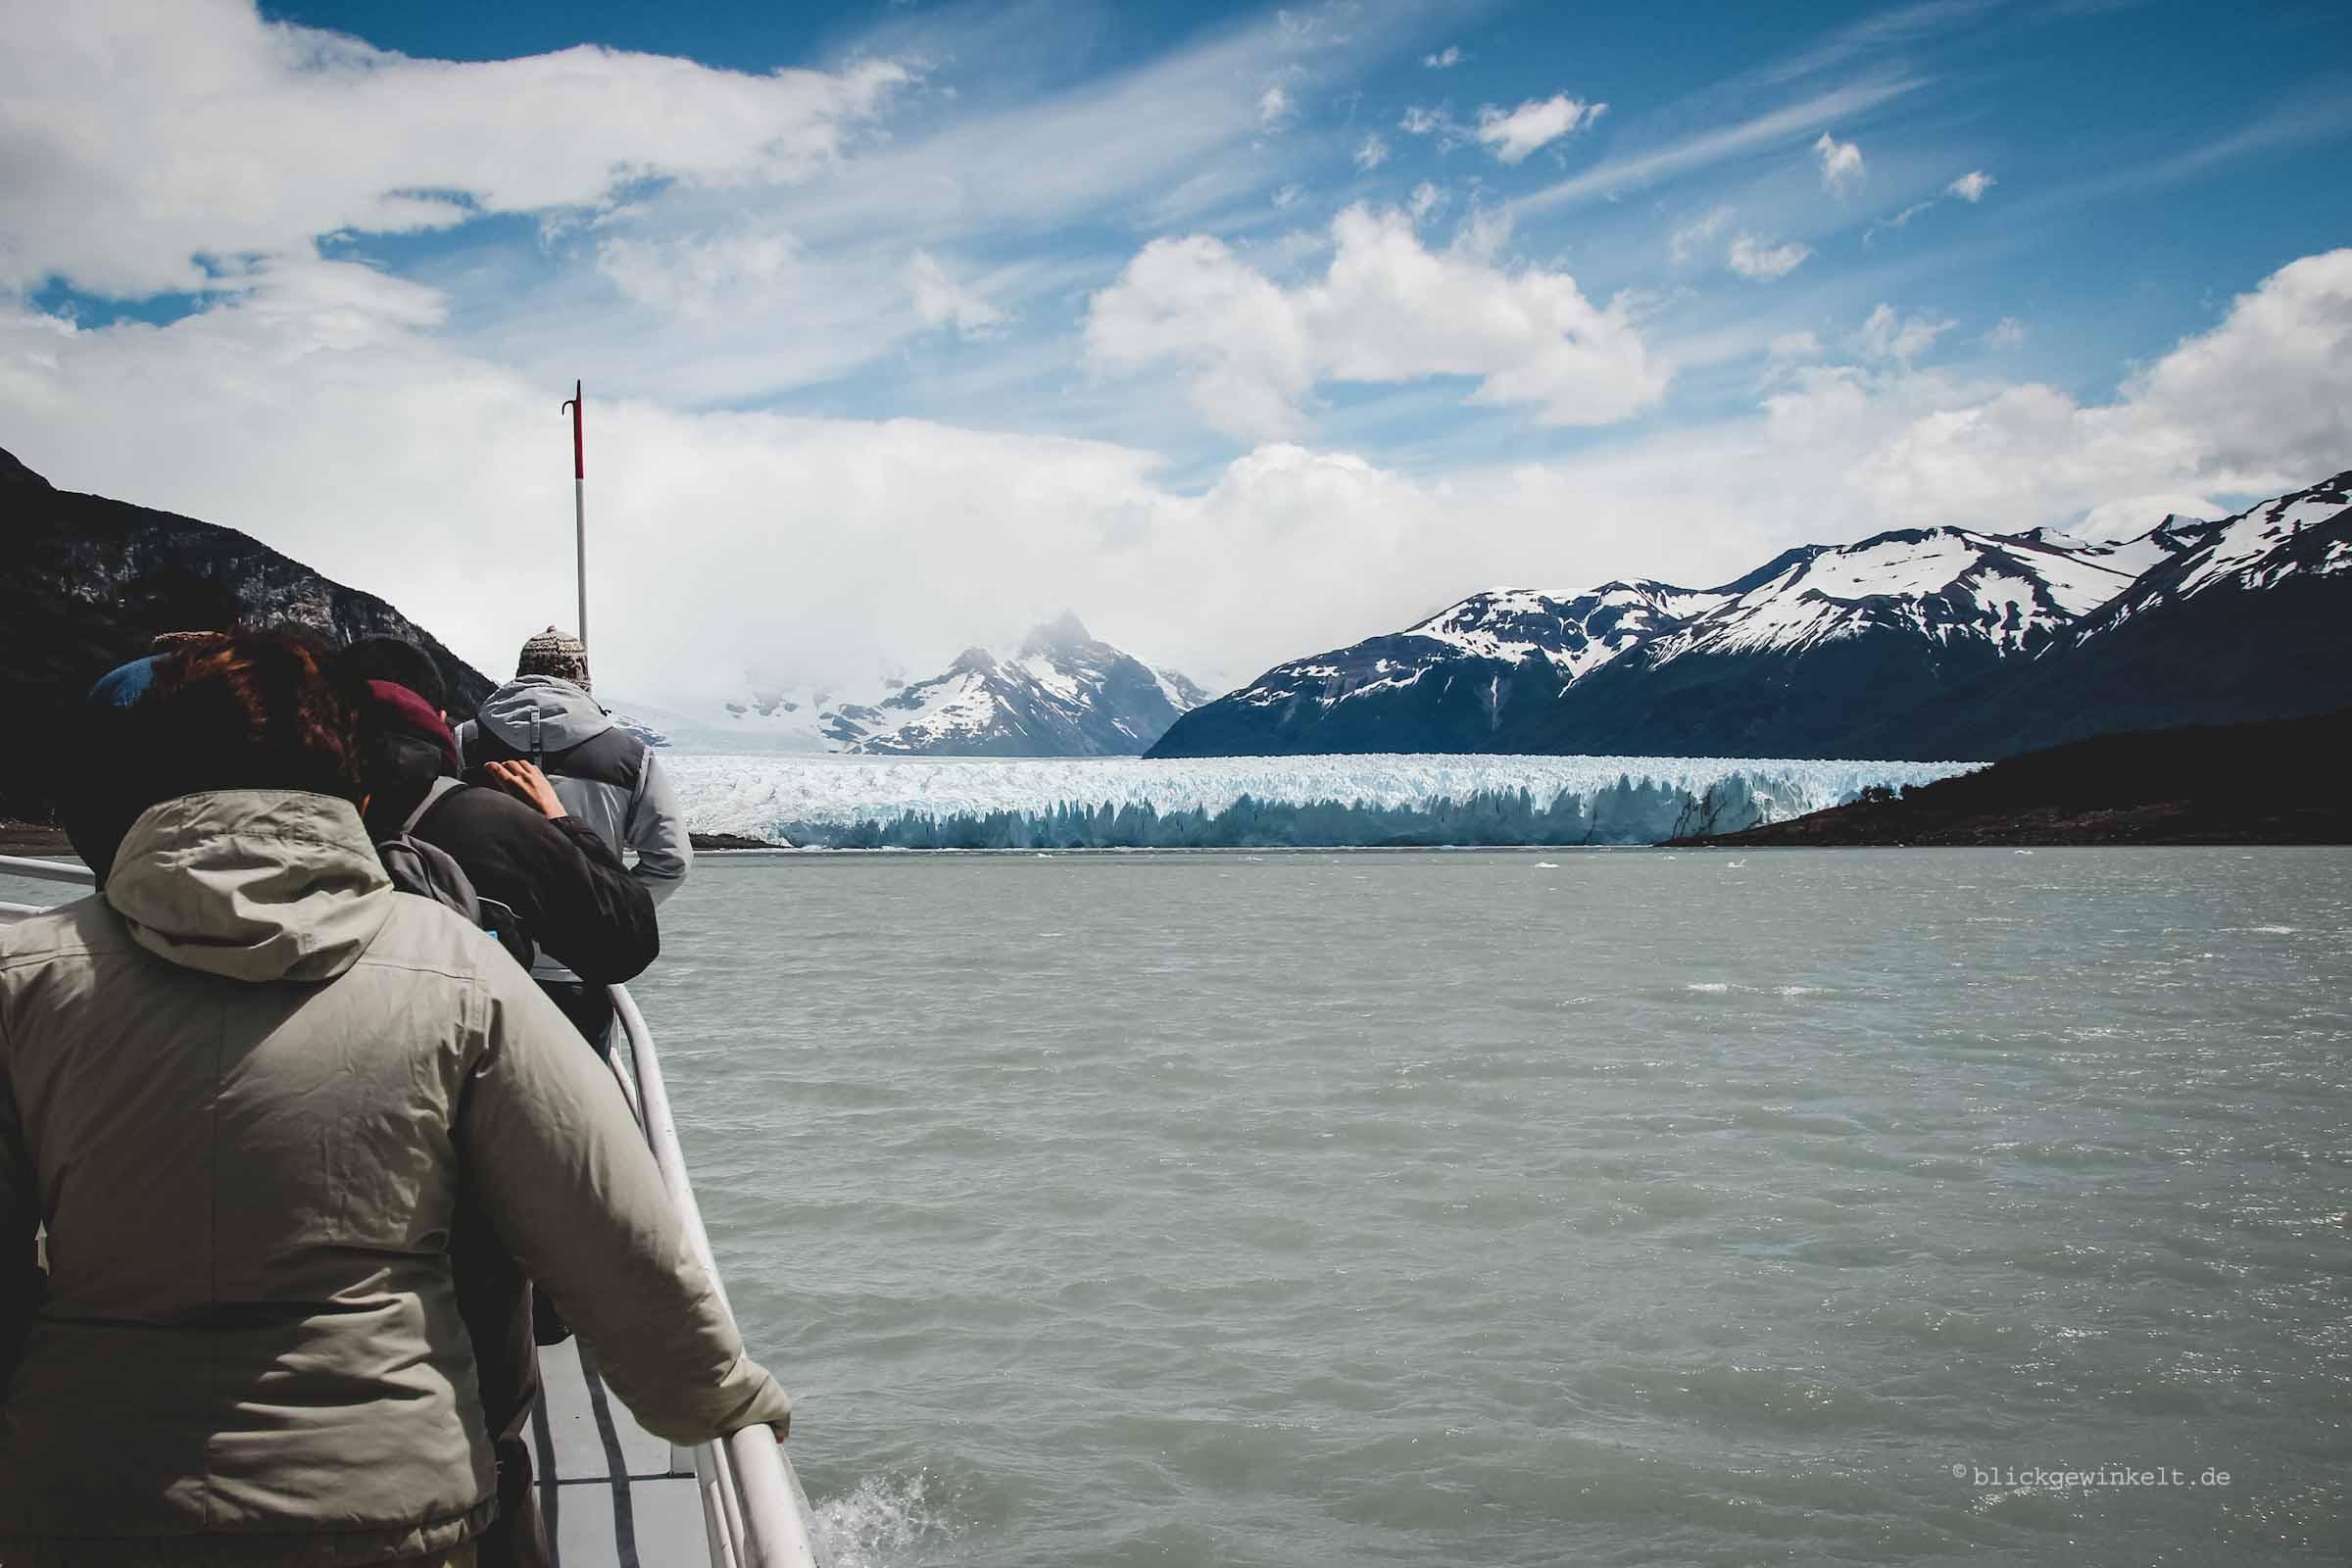 Bootsfahrt zum Perito Moreno Gletscher